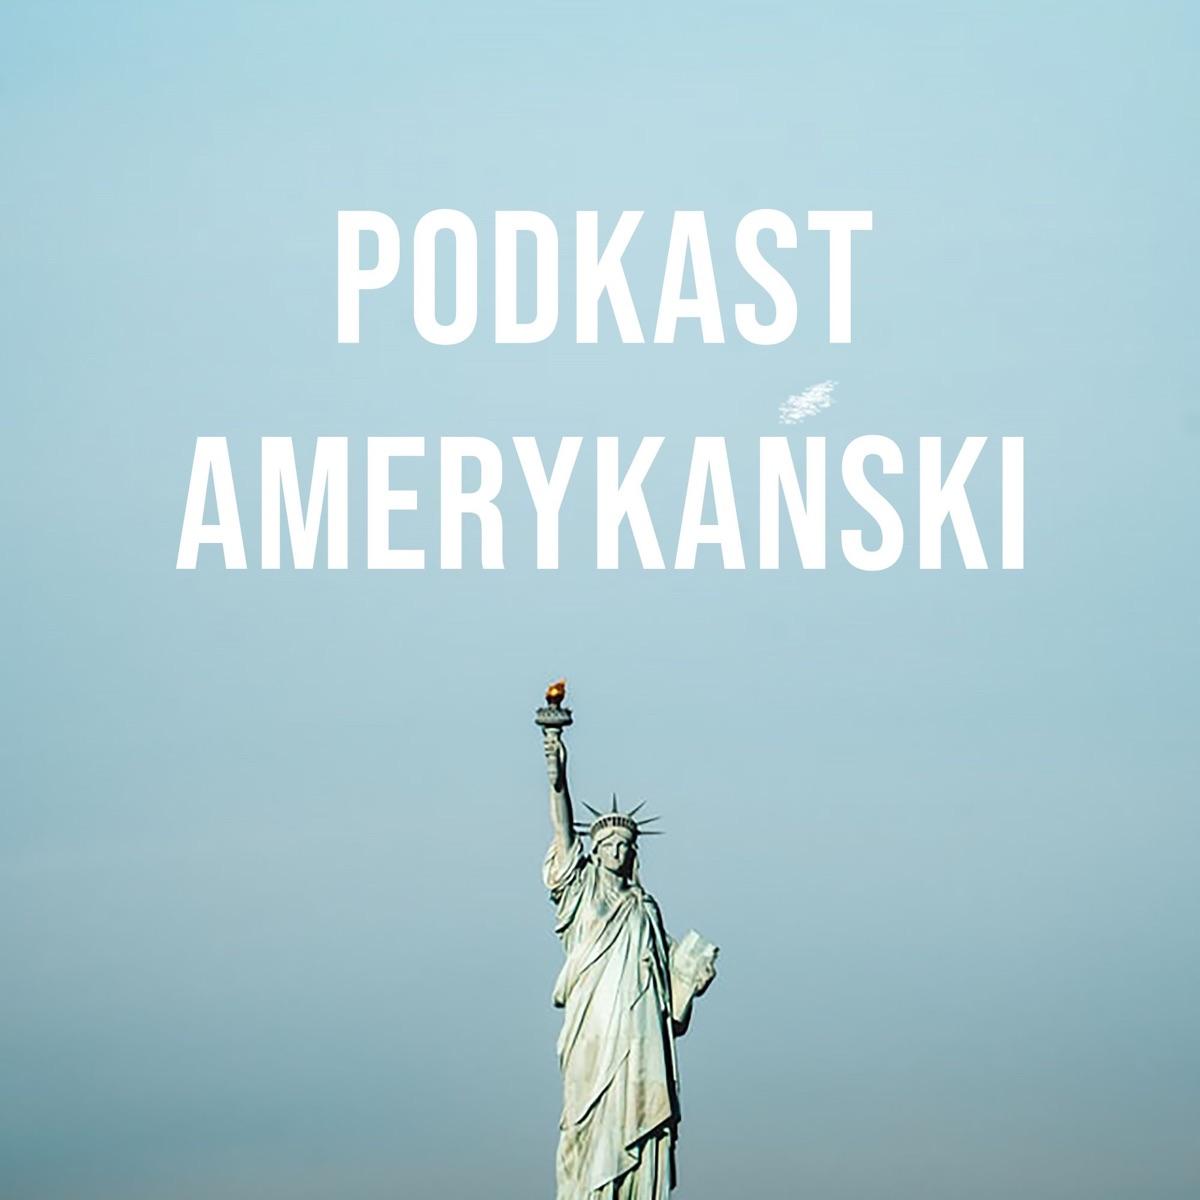 Podkast amerykański